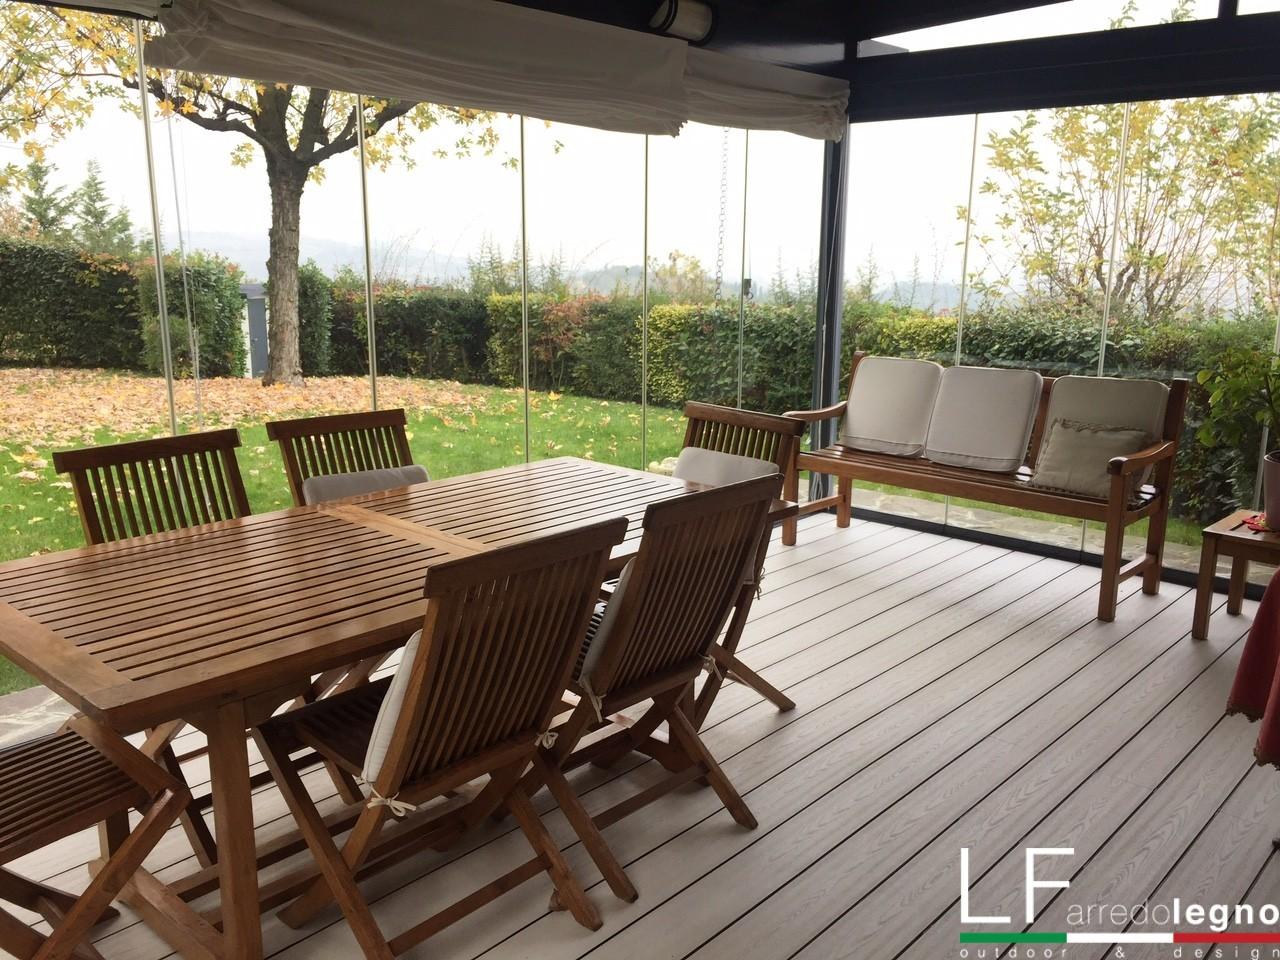 Terrazze Chiuse Con Vetrate vetrate per la chiusura di verande, portici e tettoie - lf